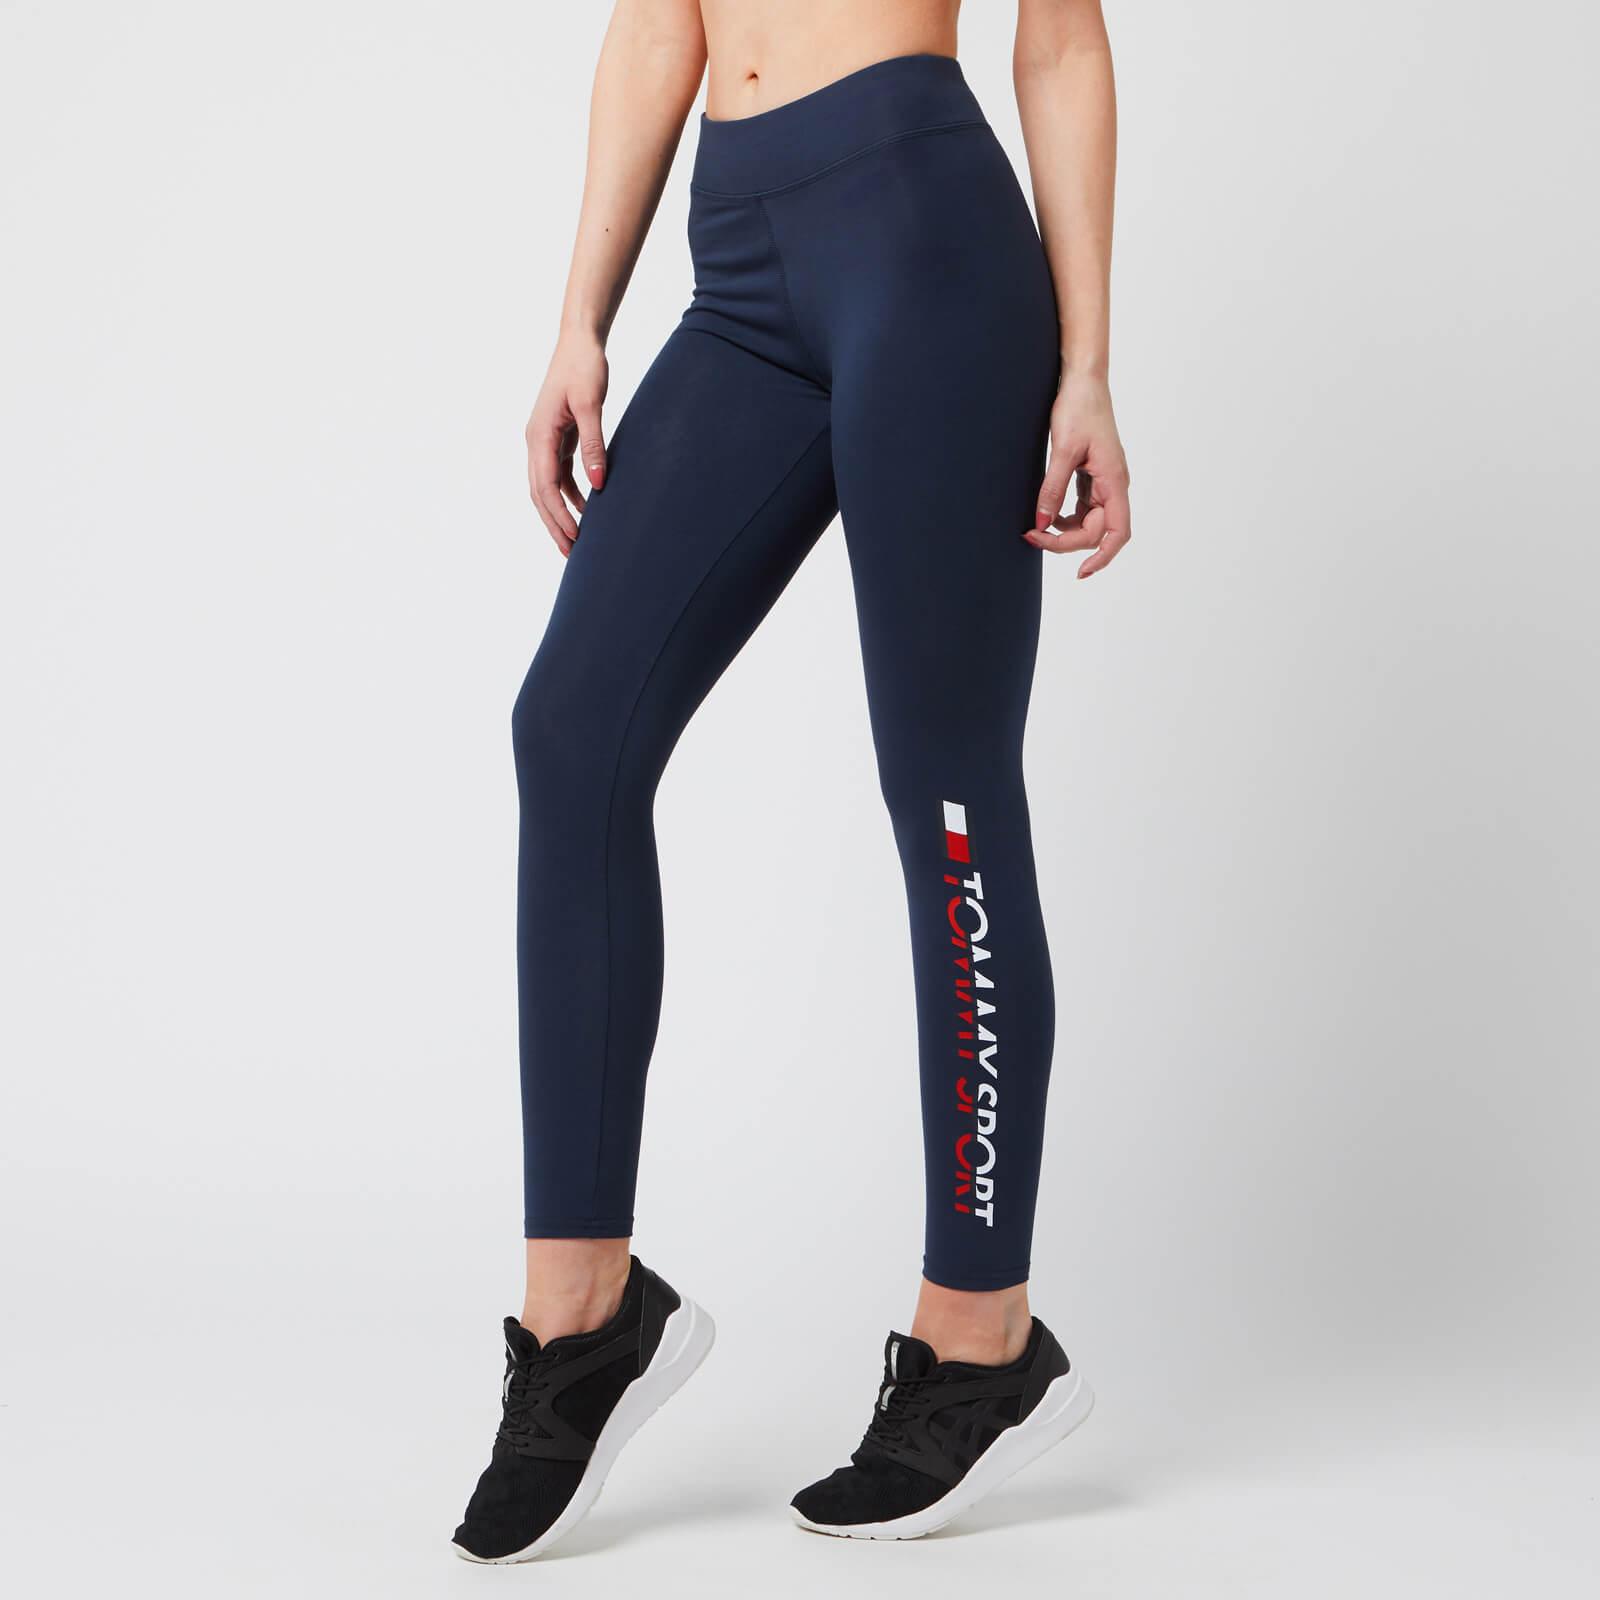 Tommy Hilfiger Sport Women's 7/8 Leggings - Sport Navy - M - Blue